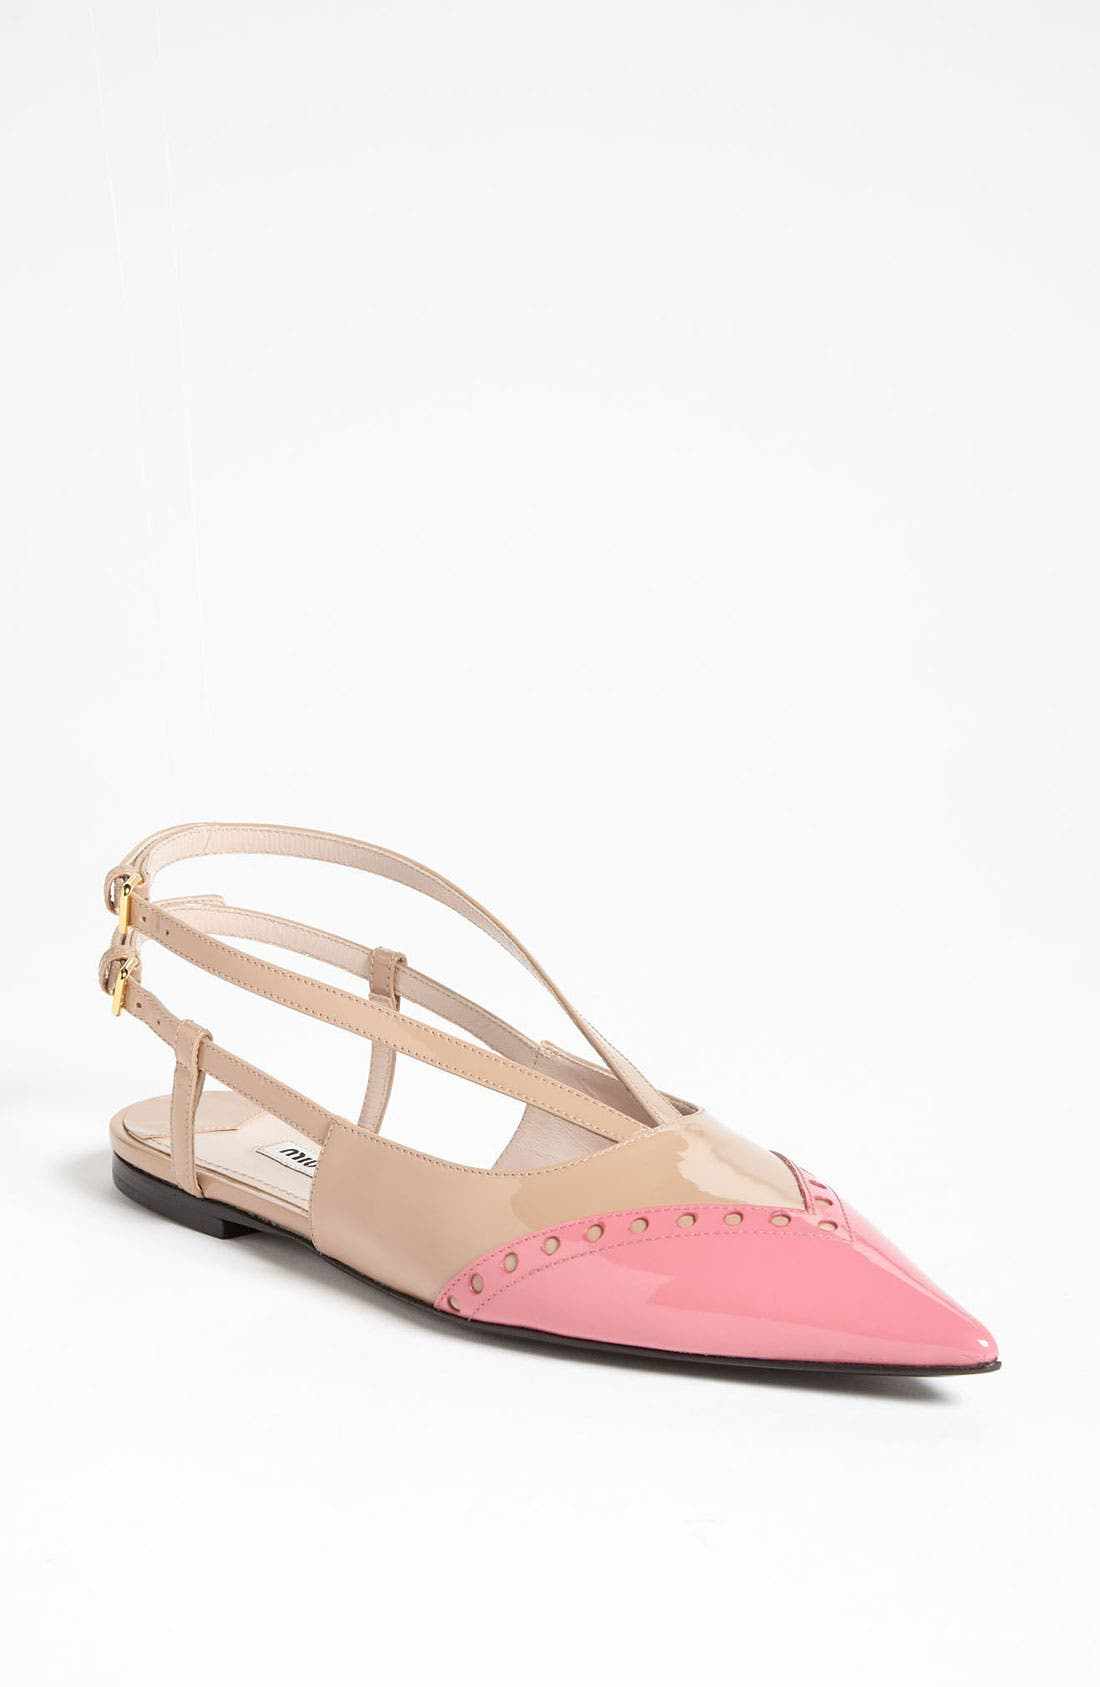 Main Image - Miu Miu Pointed Toe Ballet Flat